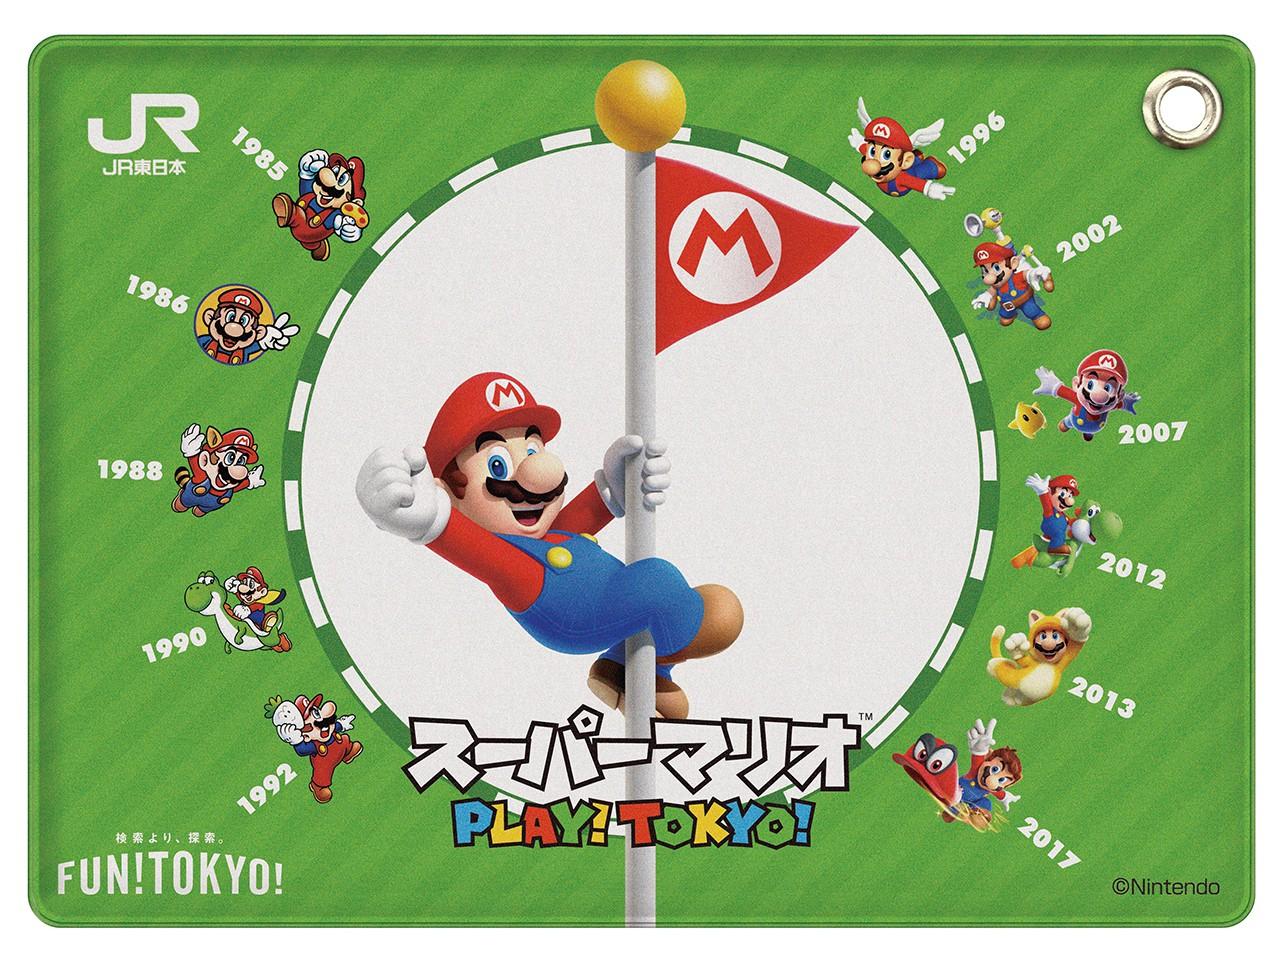 Super Mario 35th Anniversary Tokyo pass